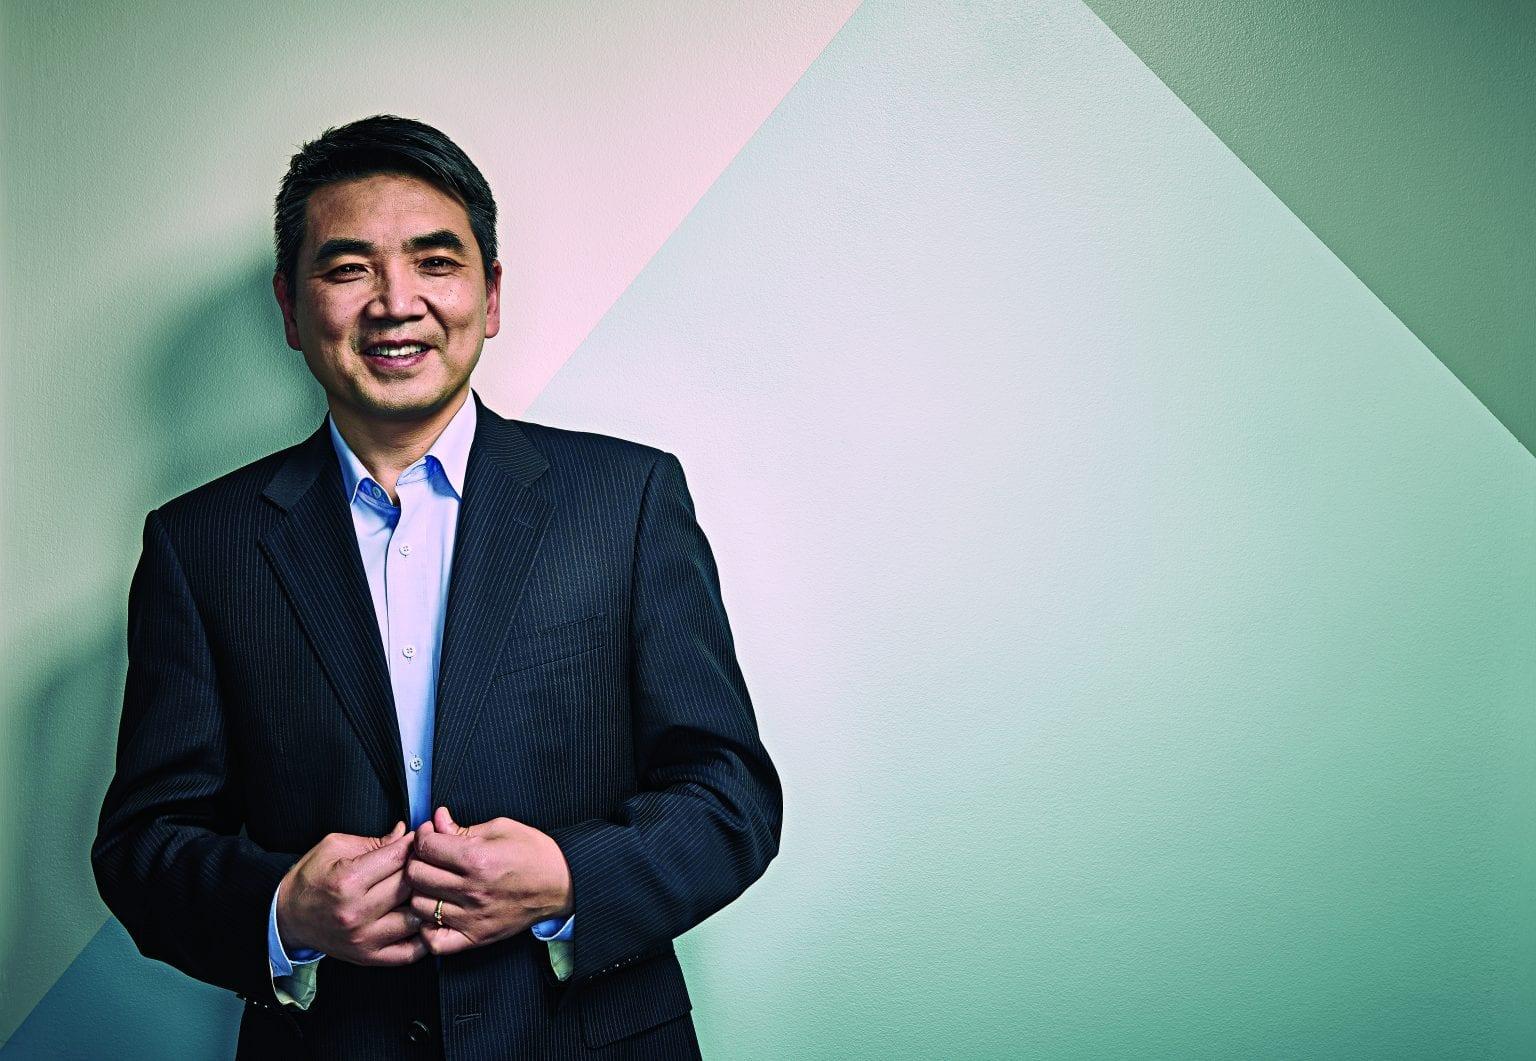 Zoom a Eric Yuan: la historia del millonario y fundador de la plataforma de videollamadas